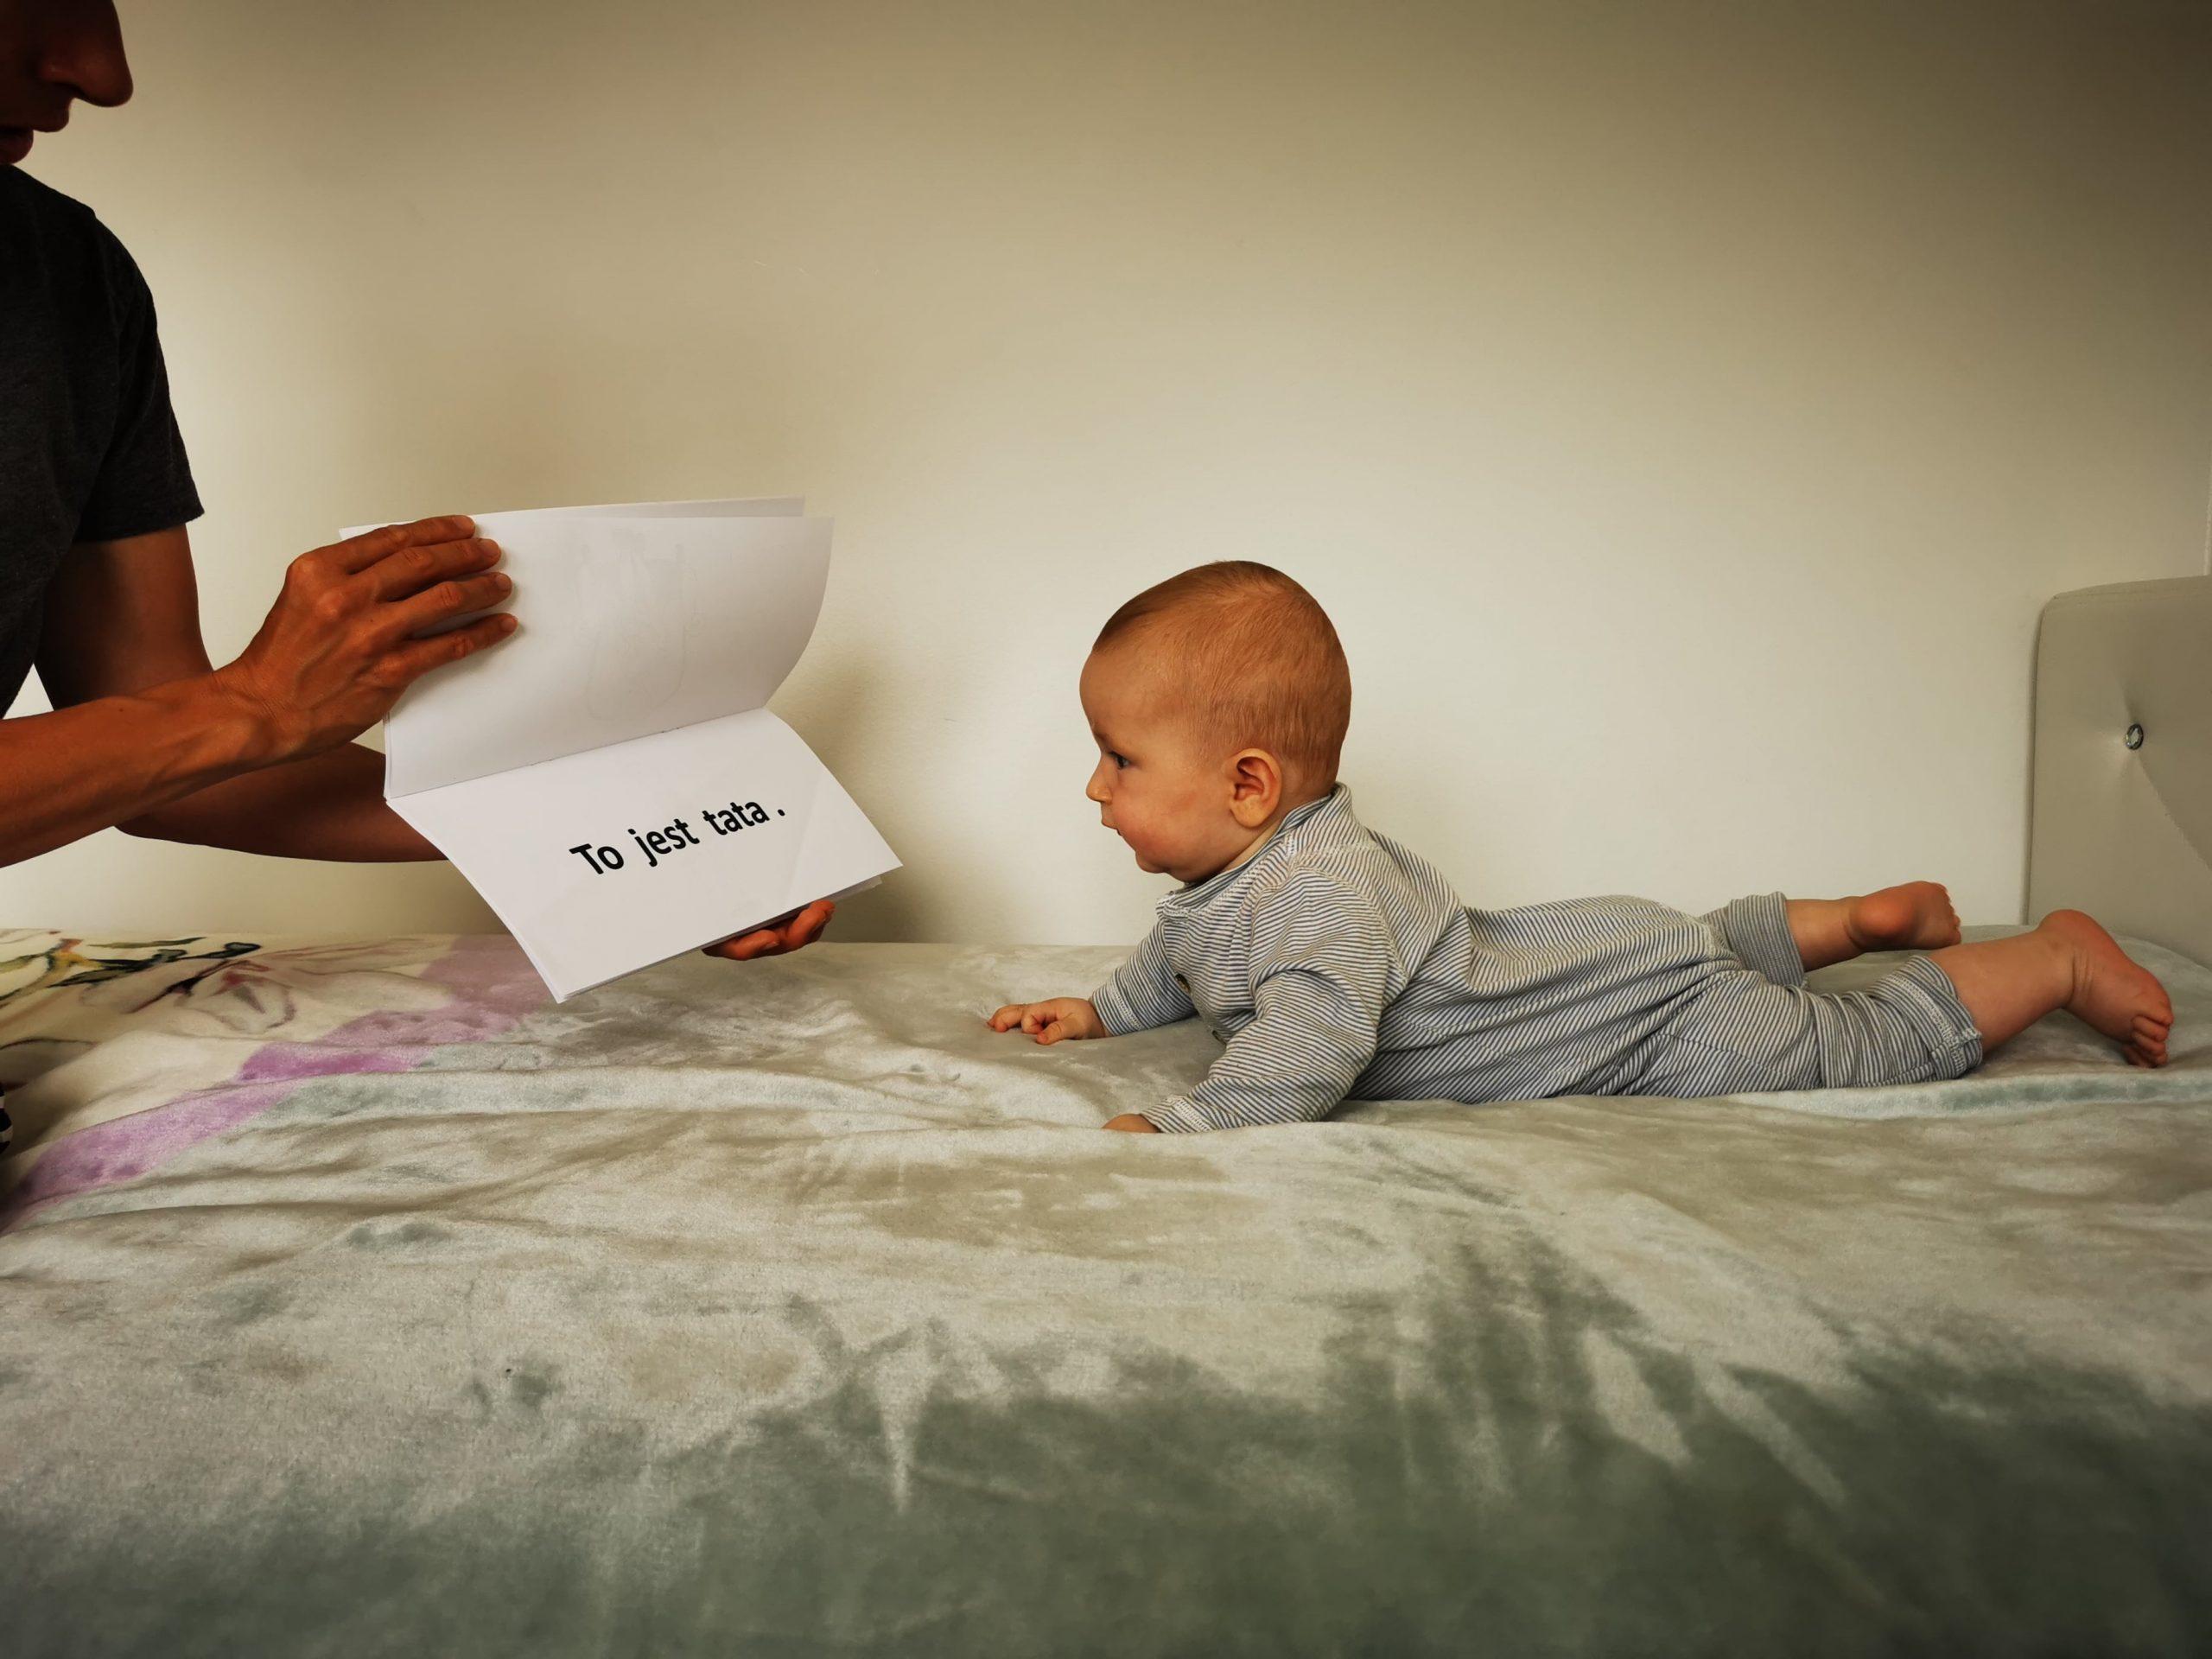 zestaw donauki czytania globalnego dla niemowląt iprzedszkolaków